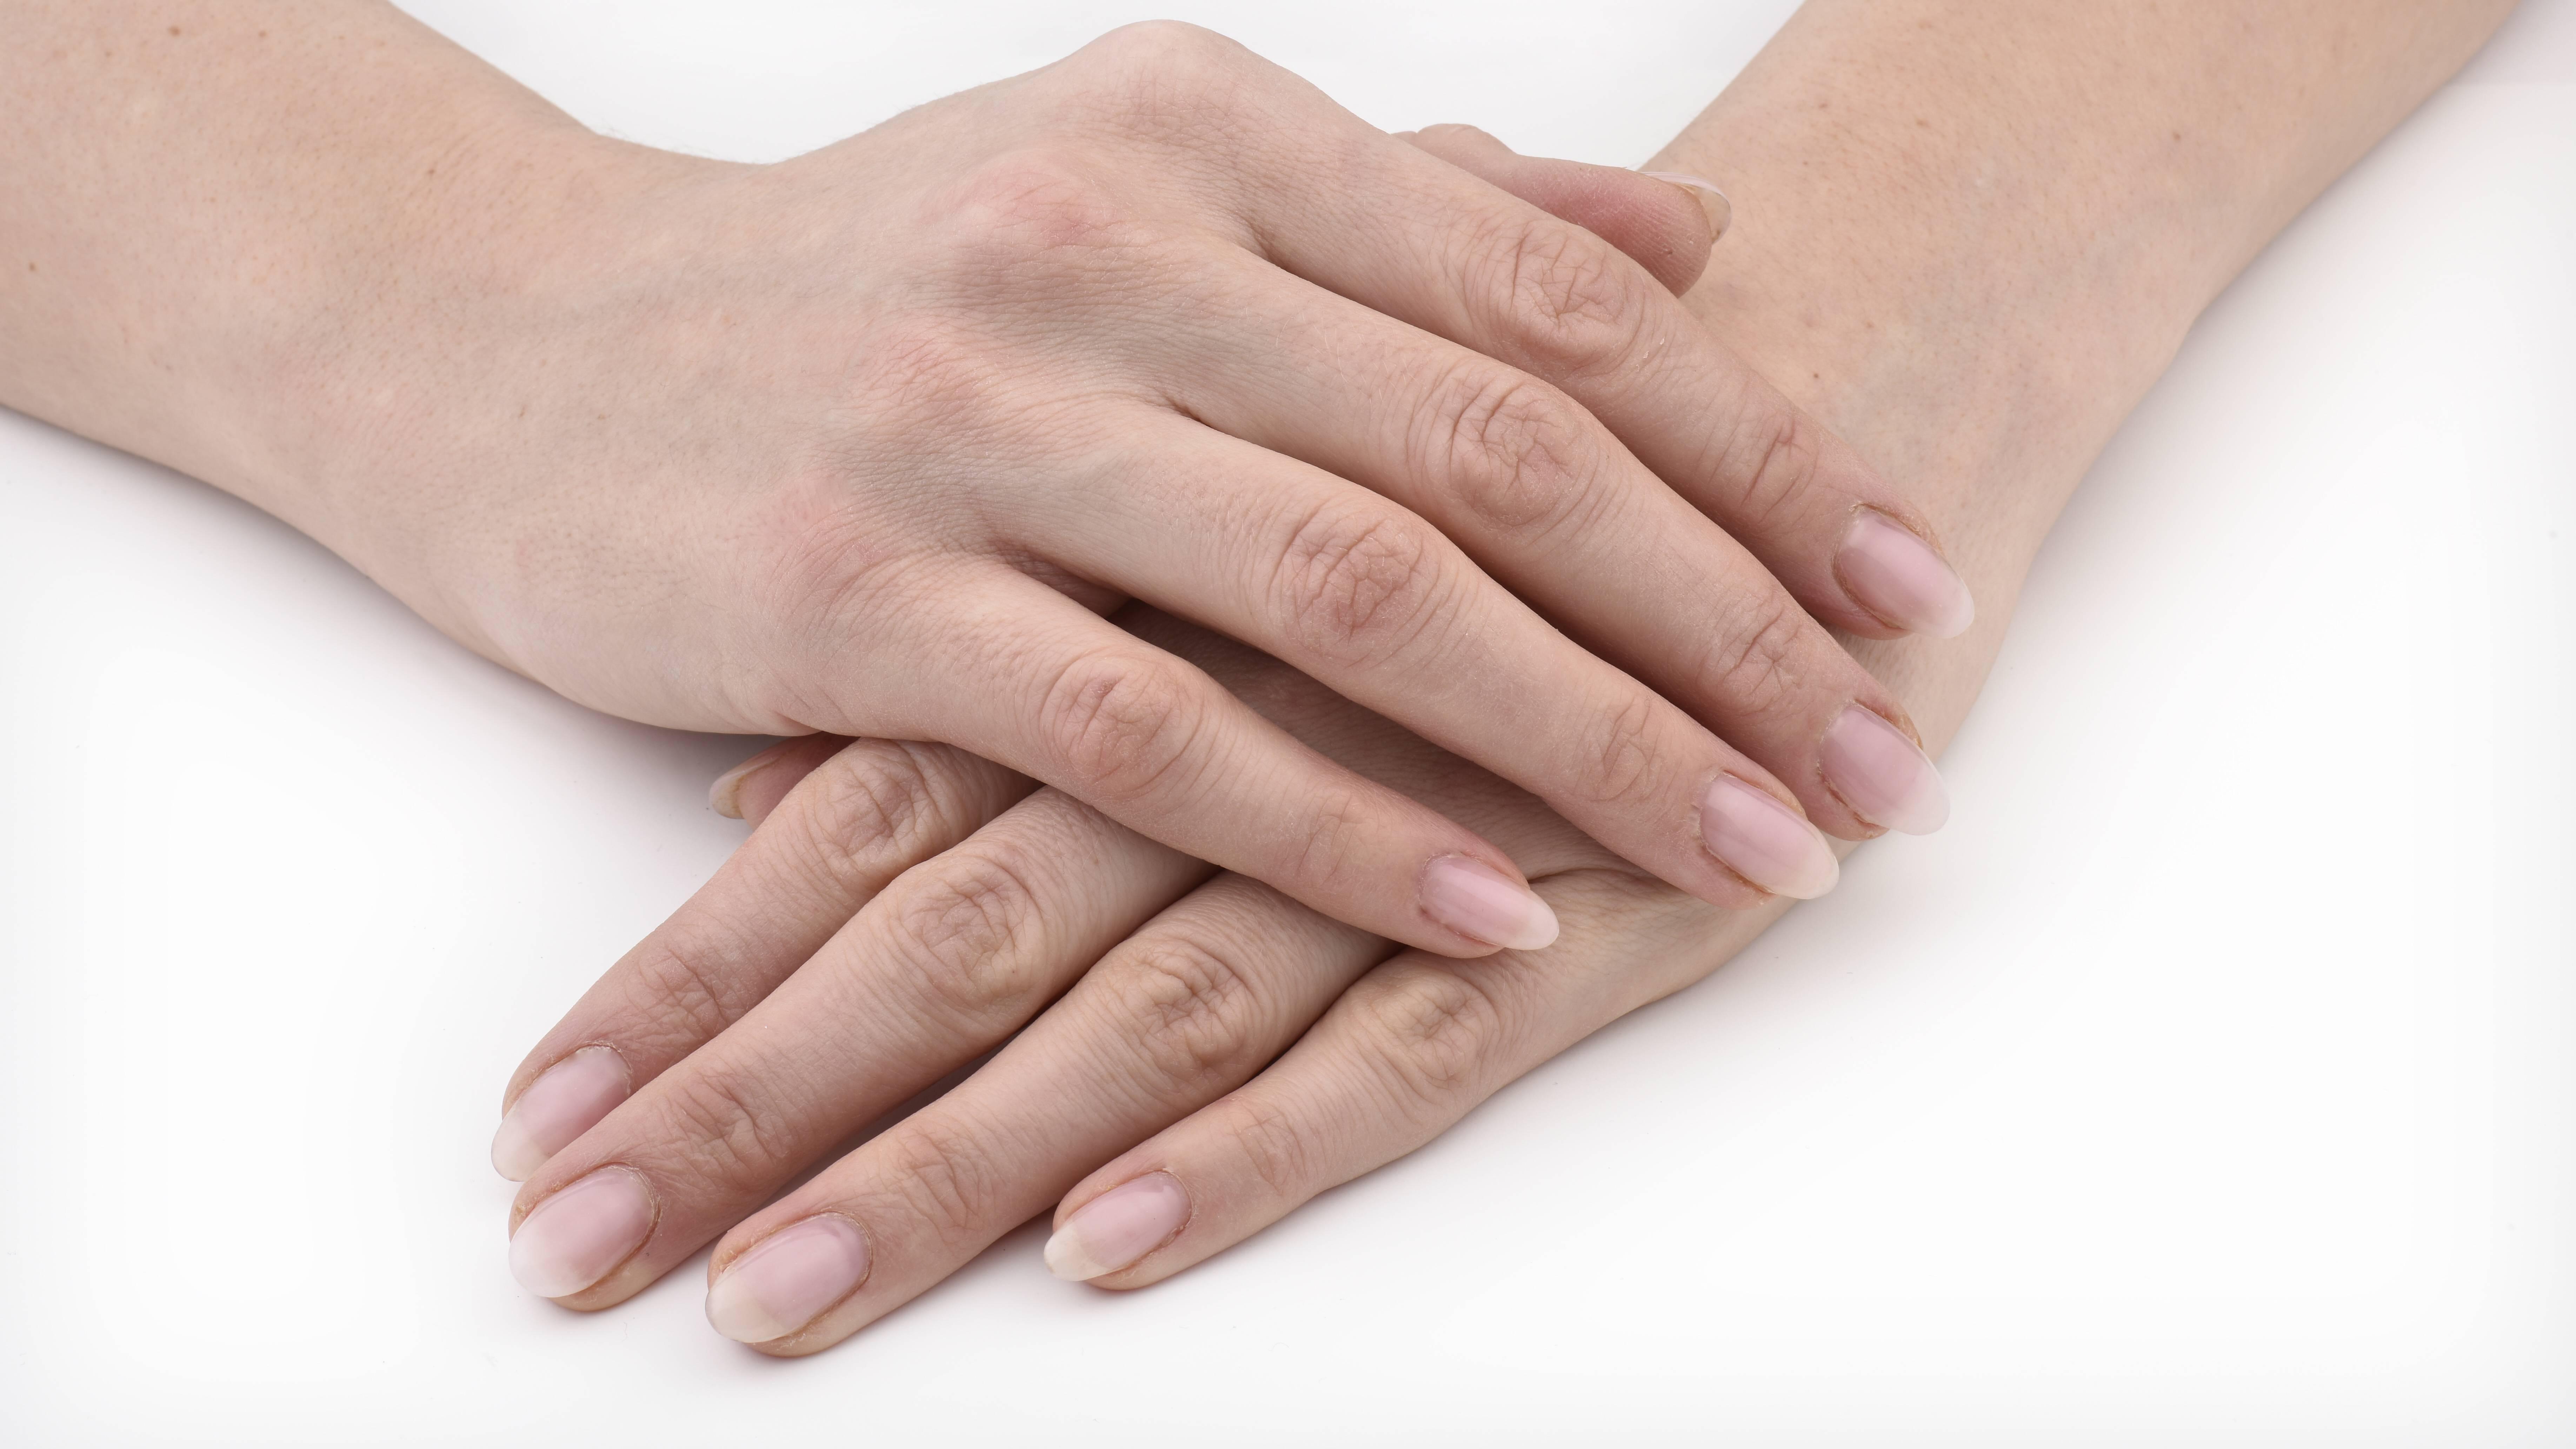 Hände schwitzen: Das können Sie dagegen tun